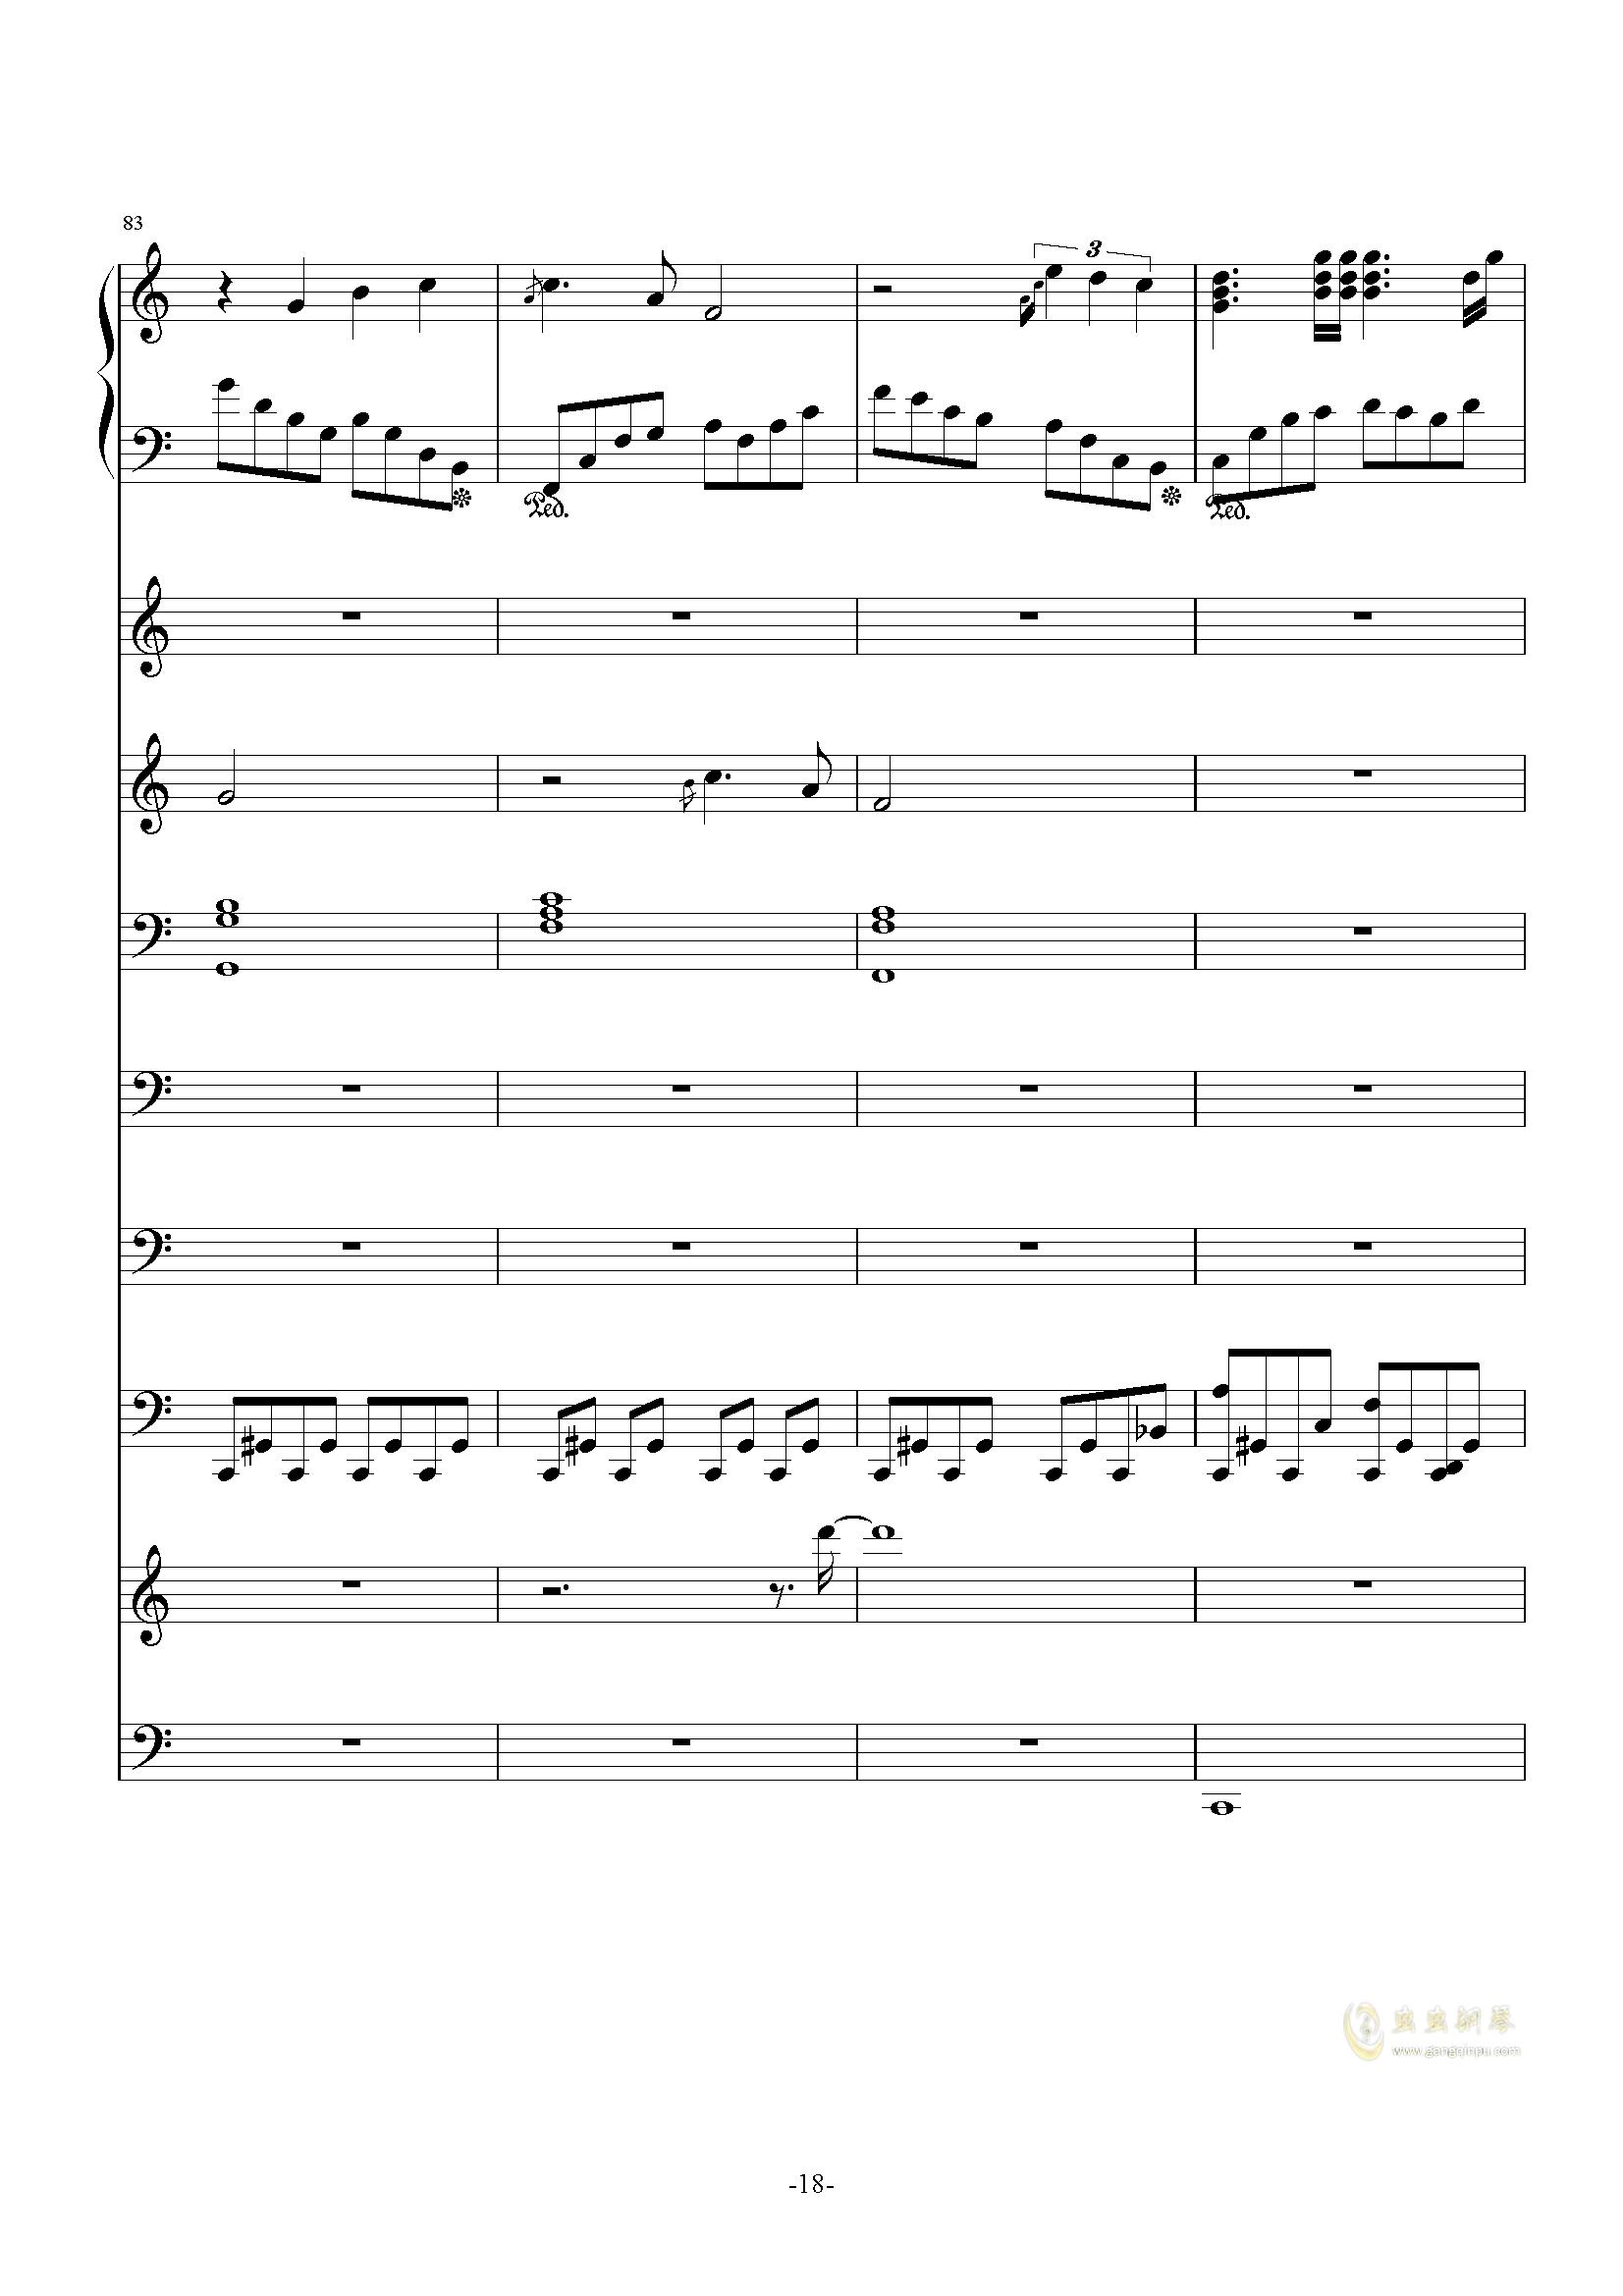 大夜洛第一号狂想曲钢琴谱 第18页